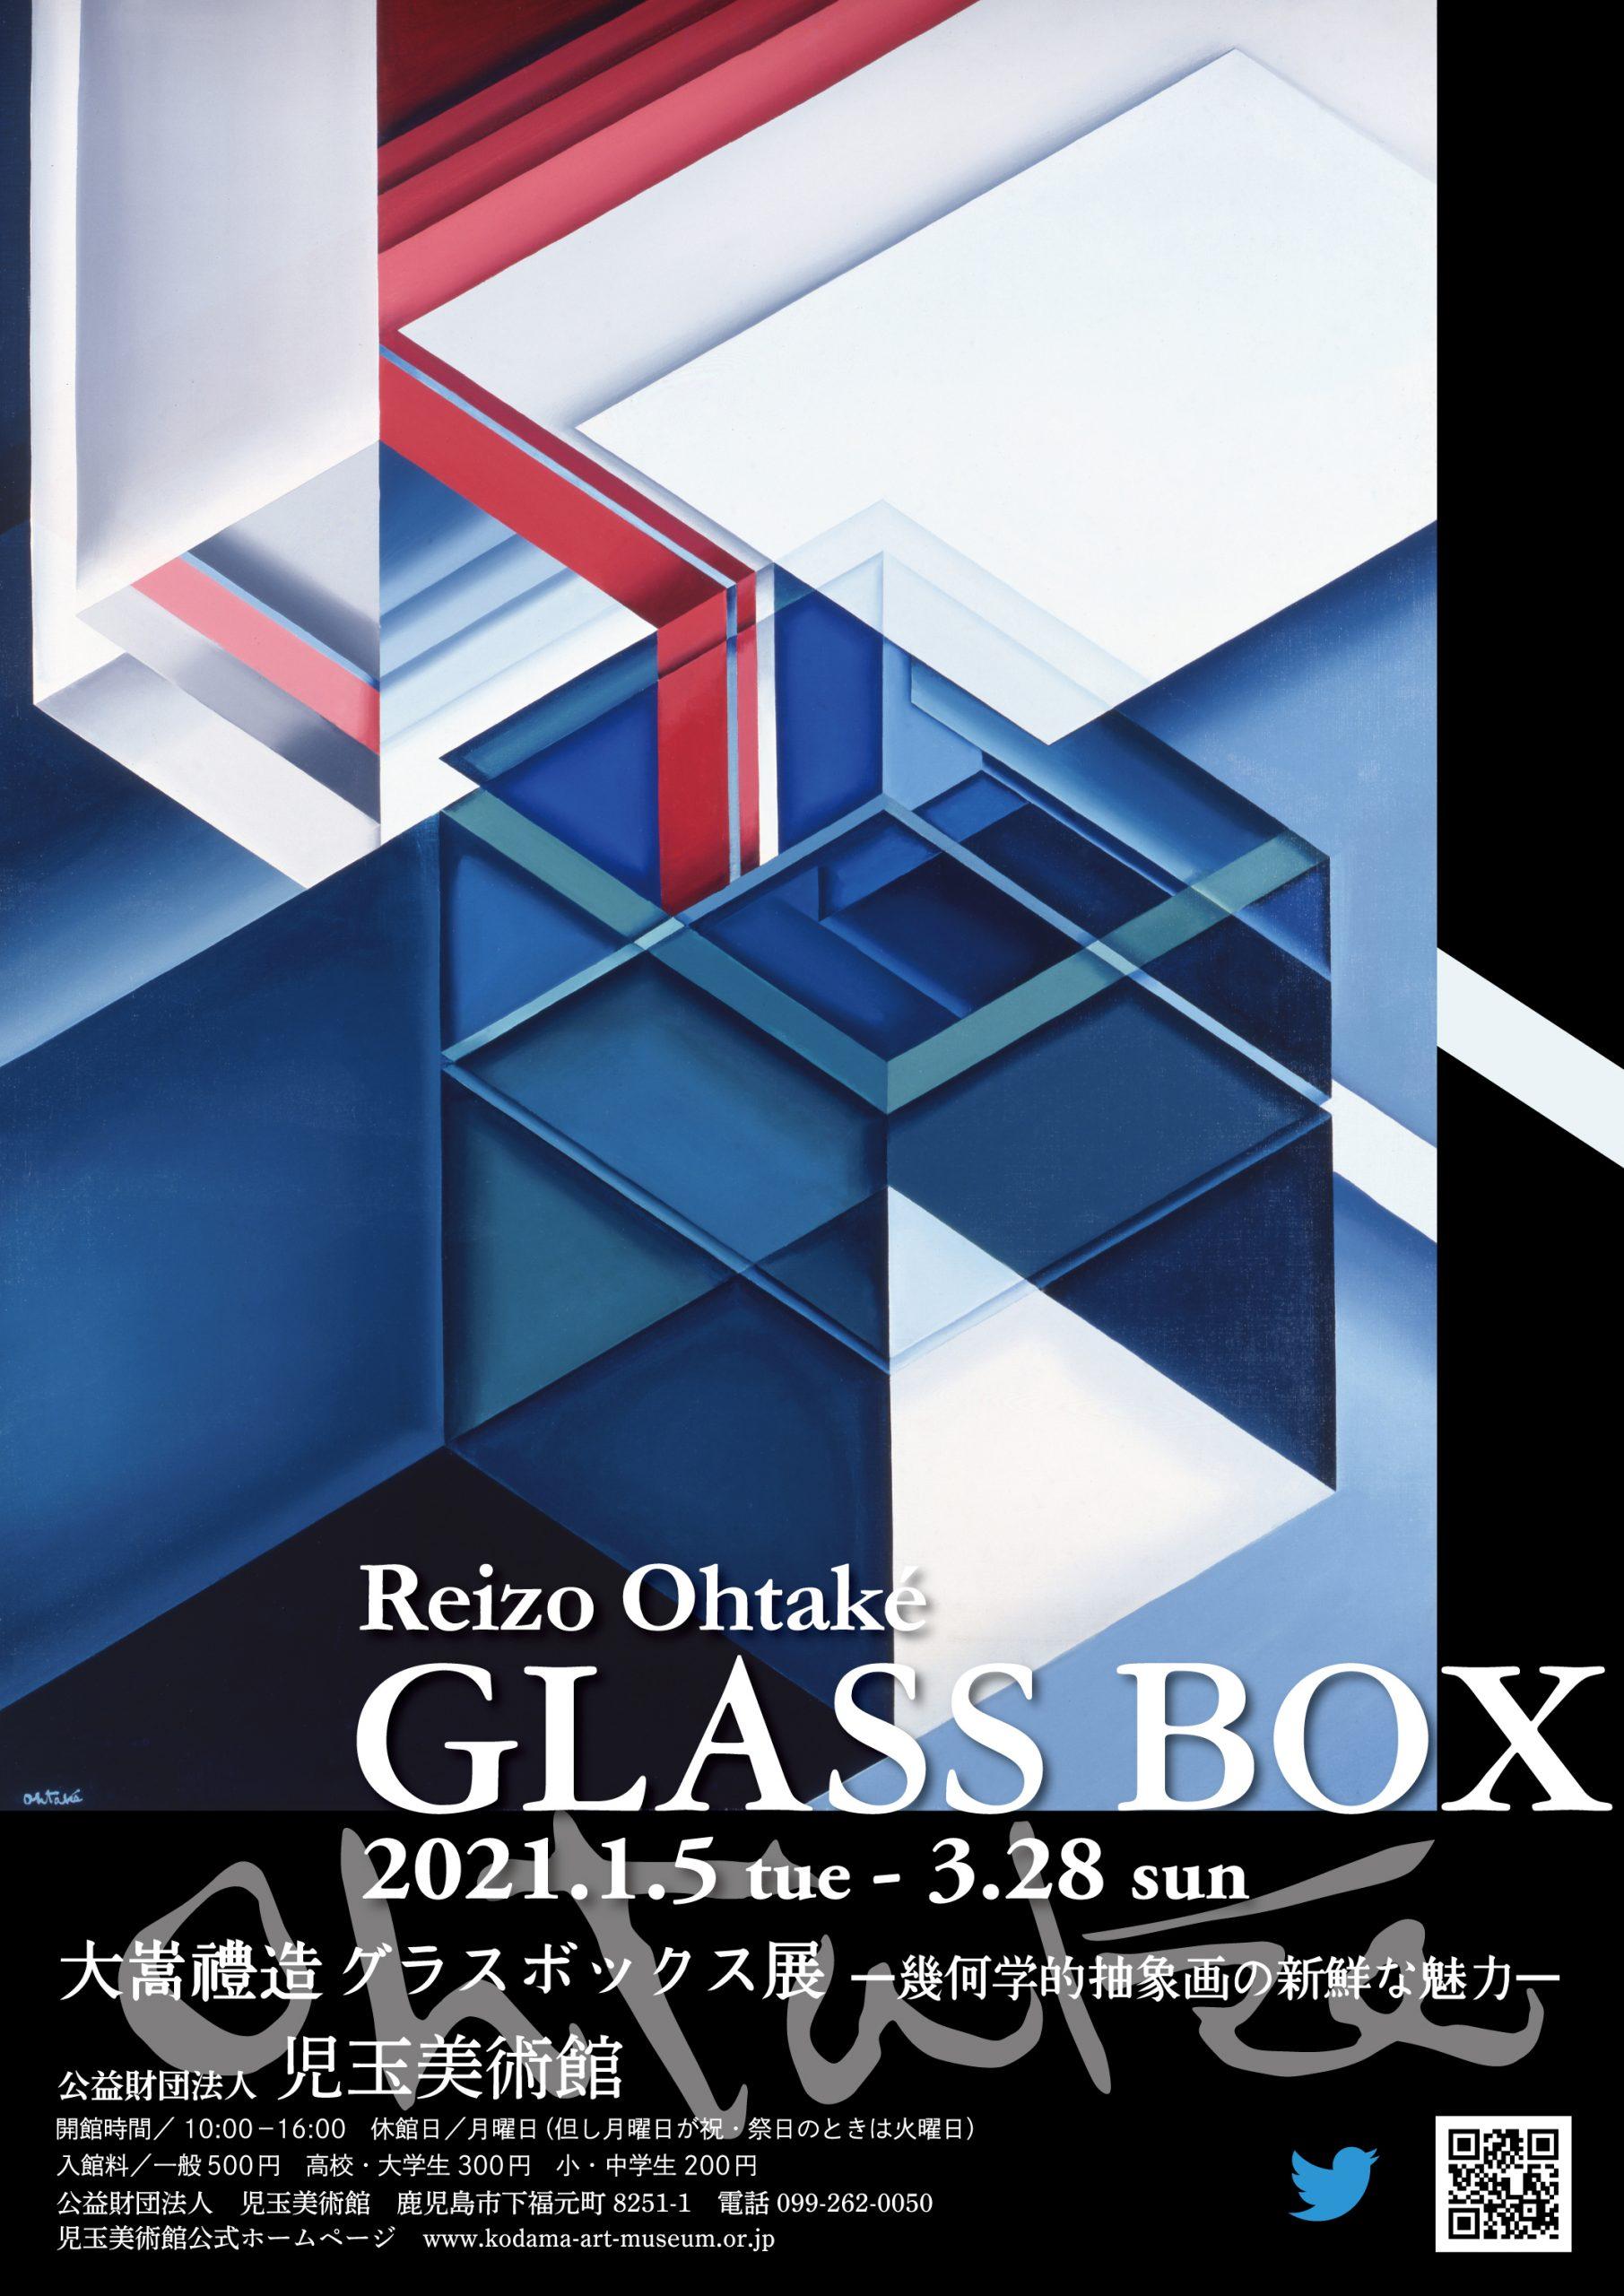 大嵩禮造グラスボックス展―幾何学的抽象画の新鮮な魅力―